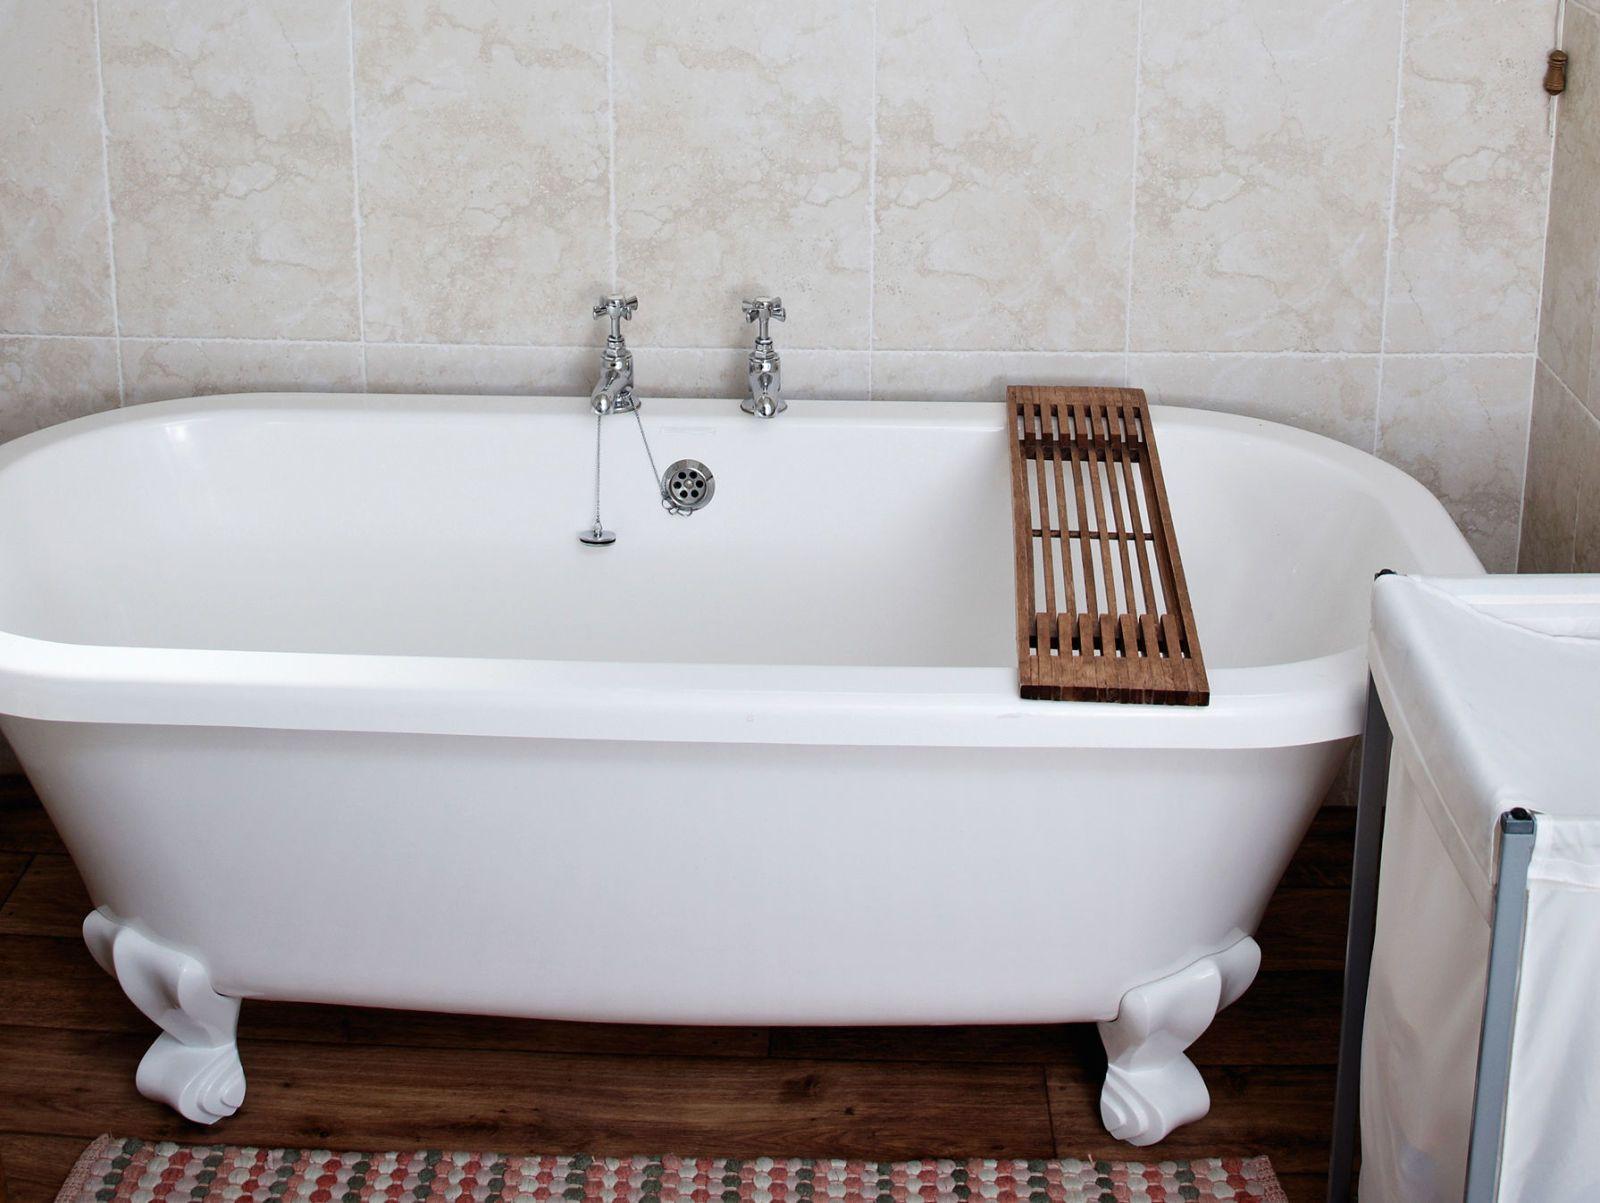 Attractive Enamel Bathtub In A Modern Bathroom